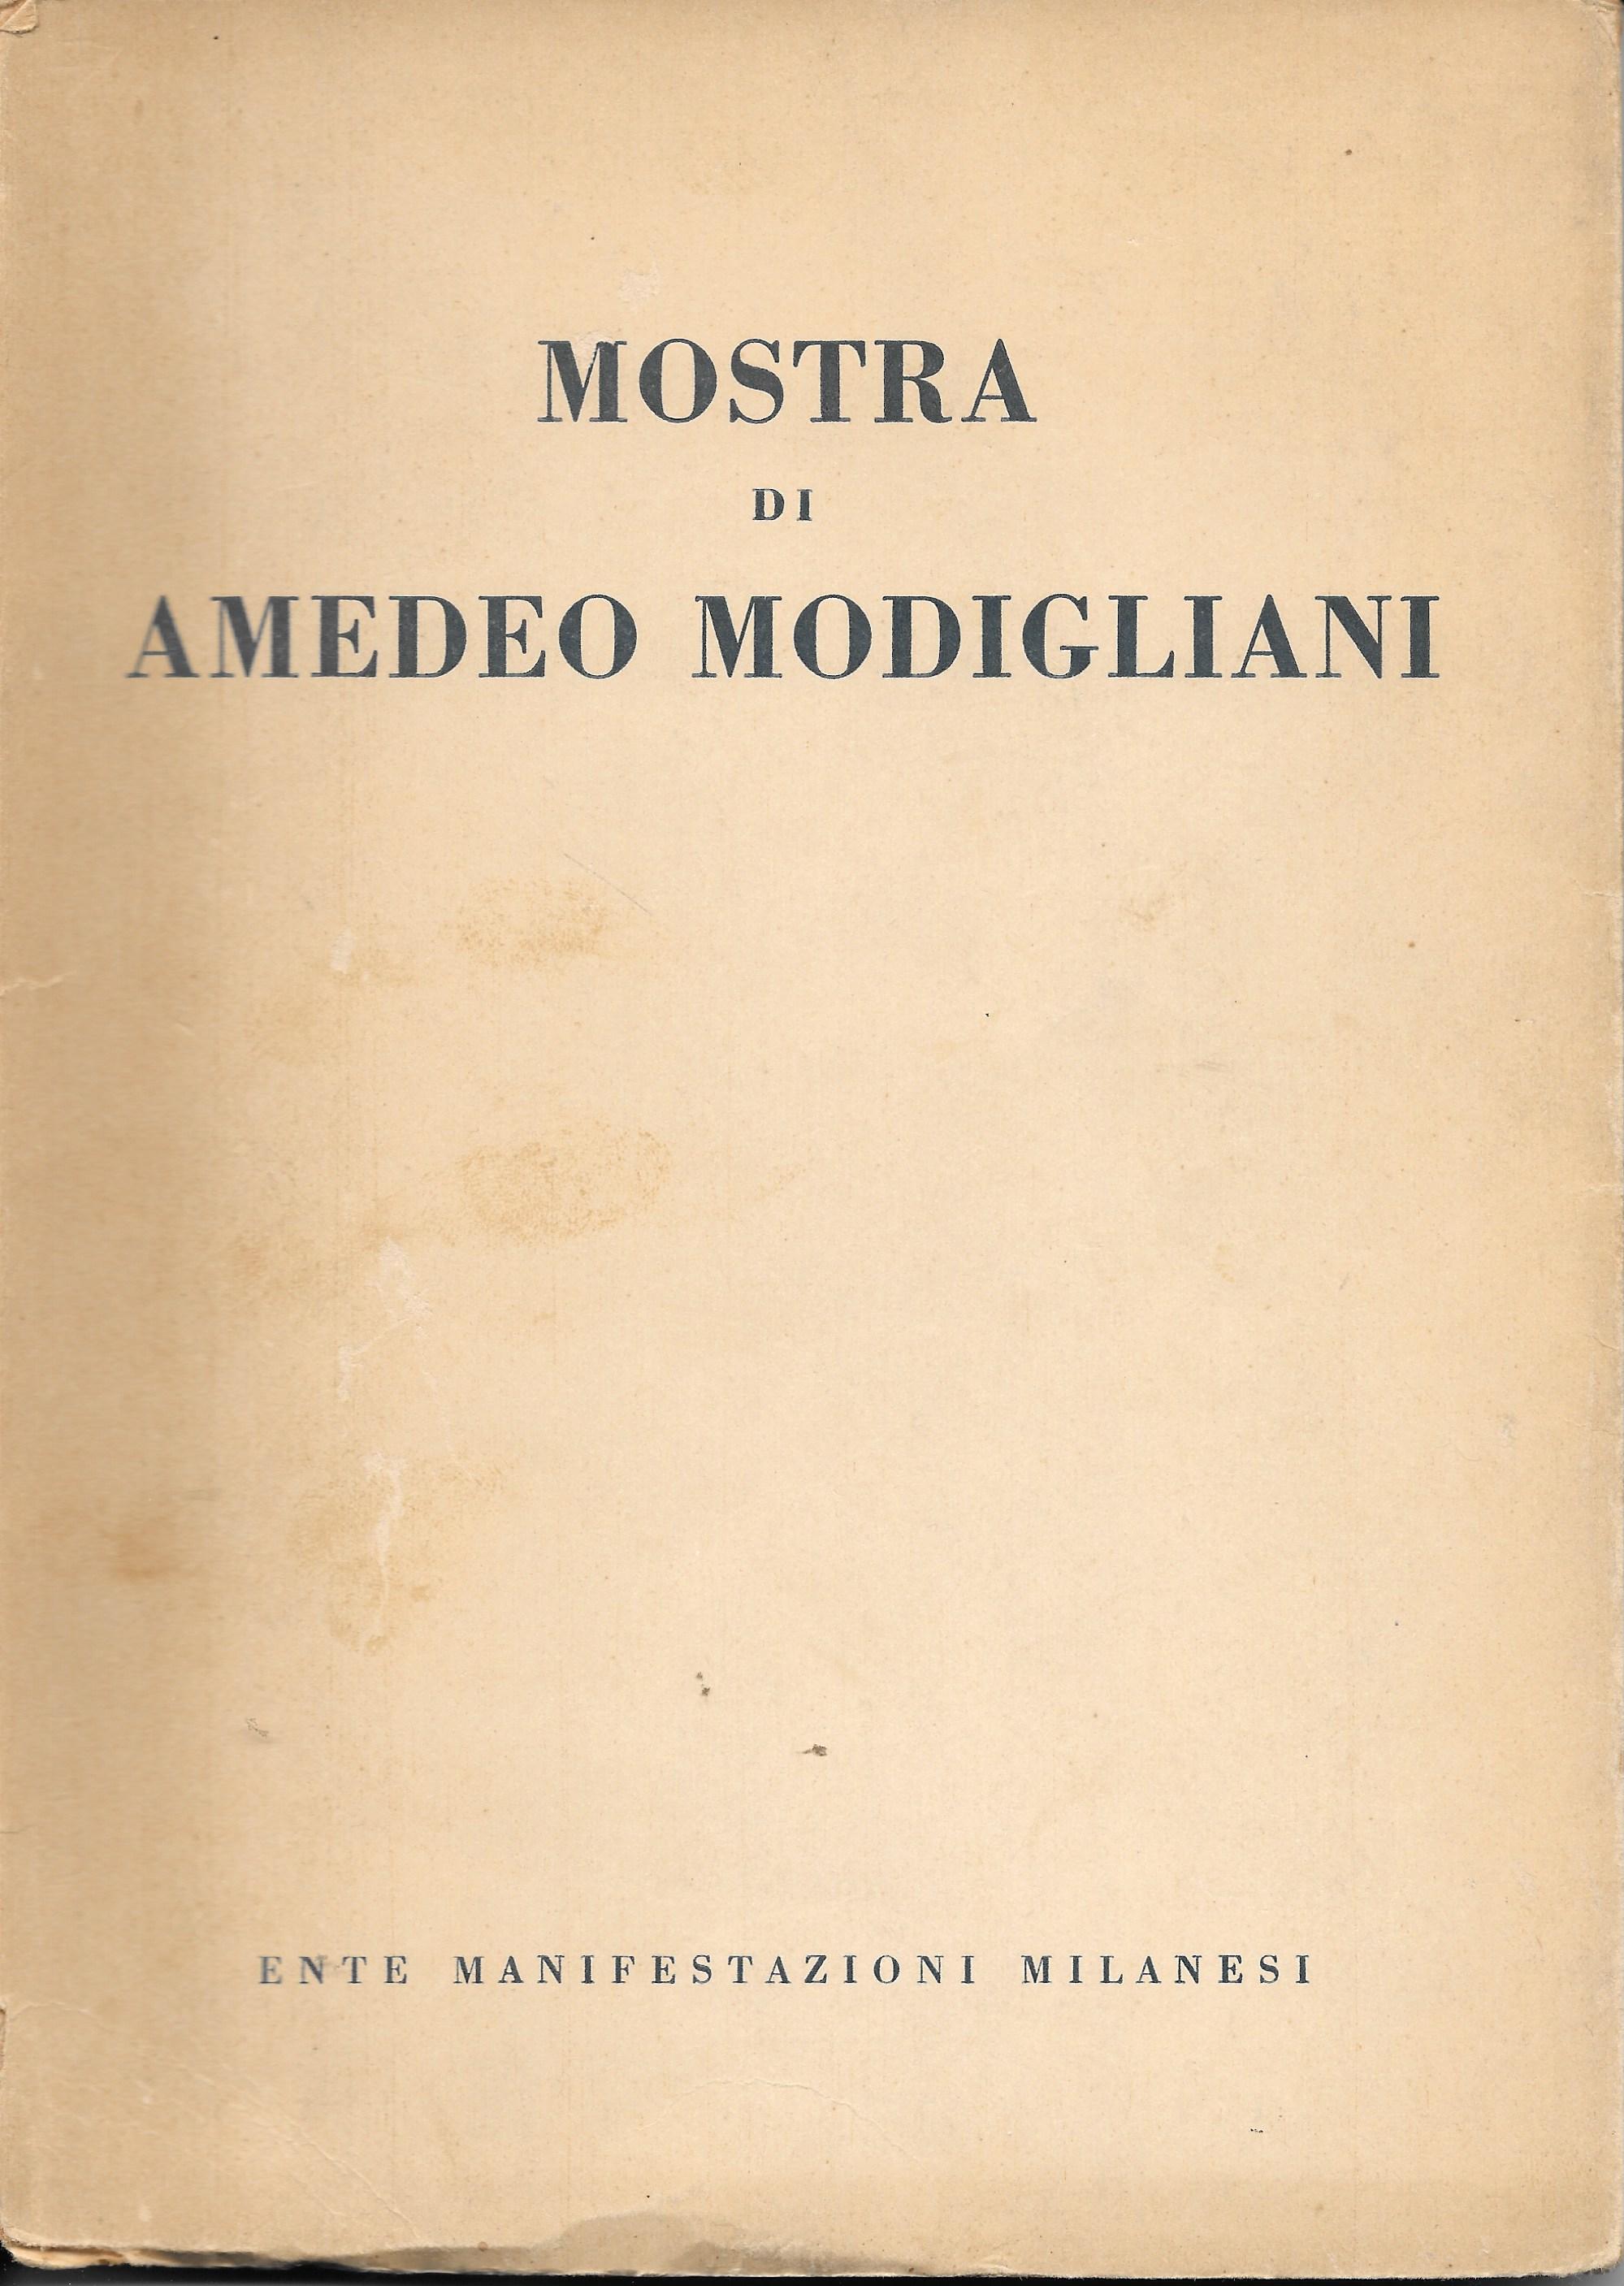 Mostra di Amedeo Modigliani